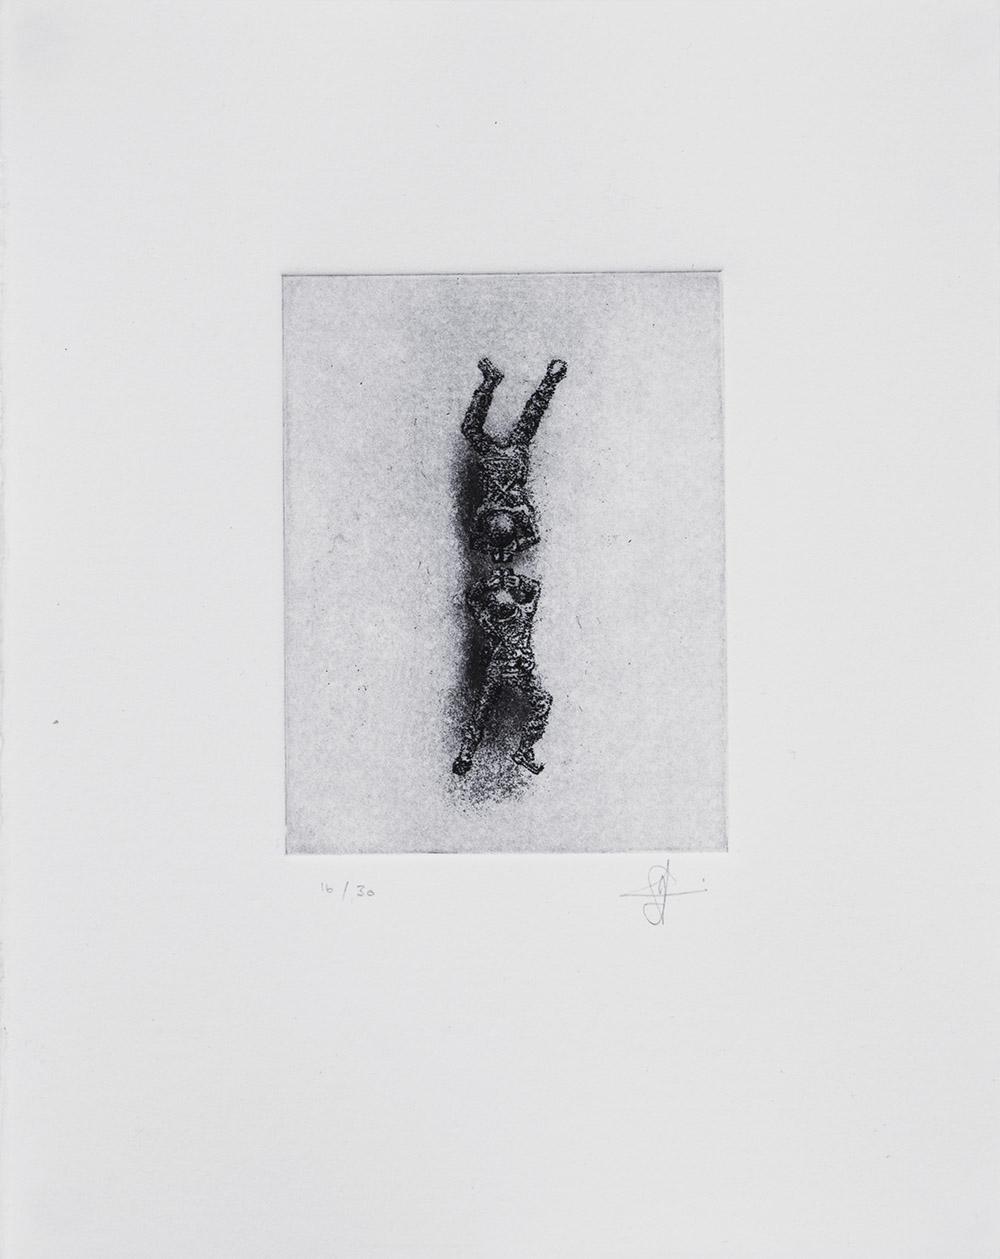 Inga Somdyala Kude Kafuphi 2017 Etching - Edition of 5 + 3 AP 20,5 x 15,5 cm